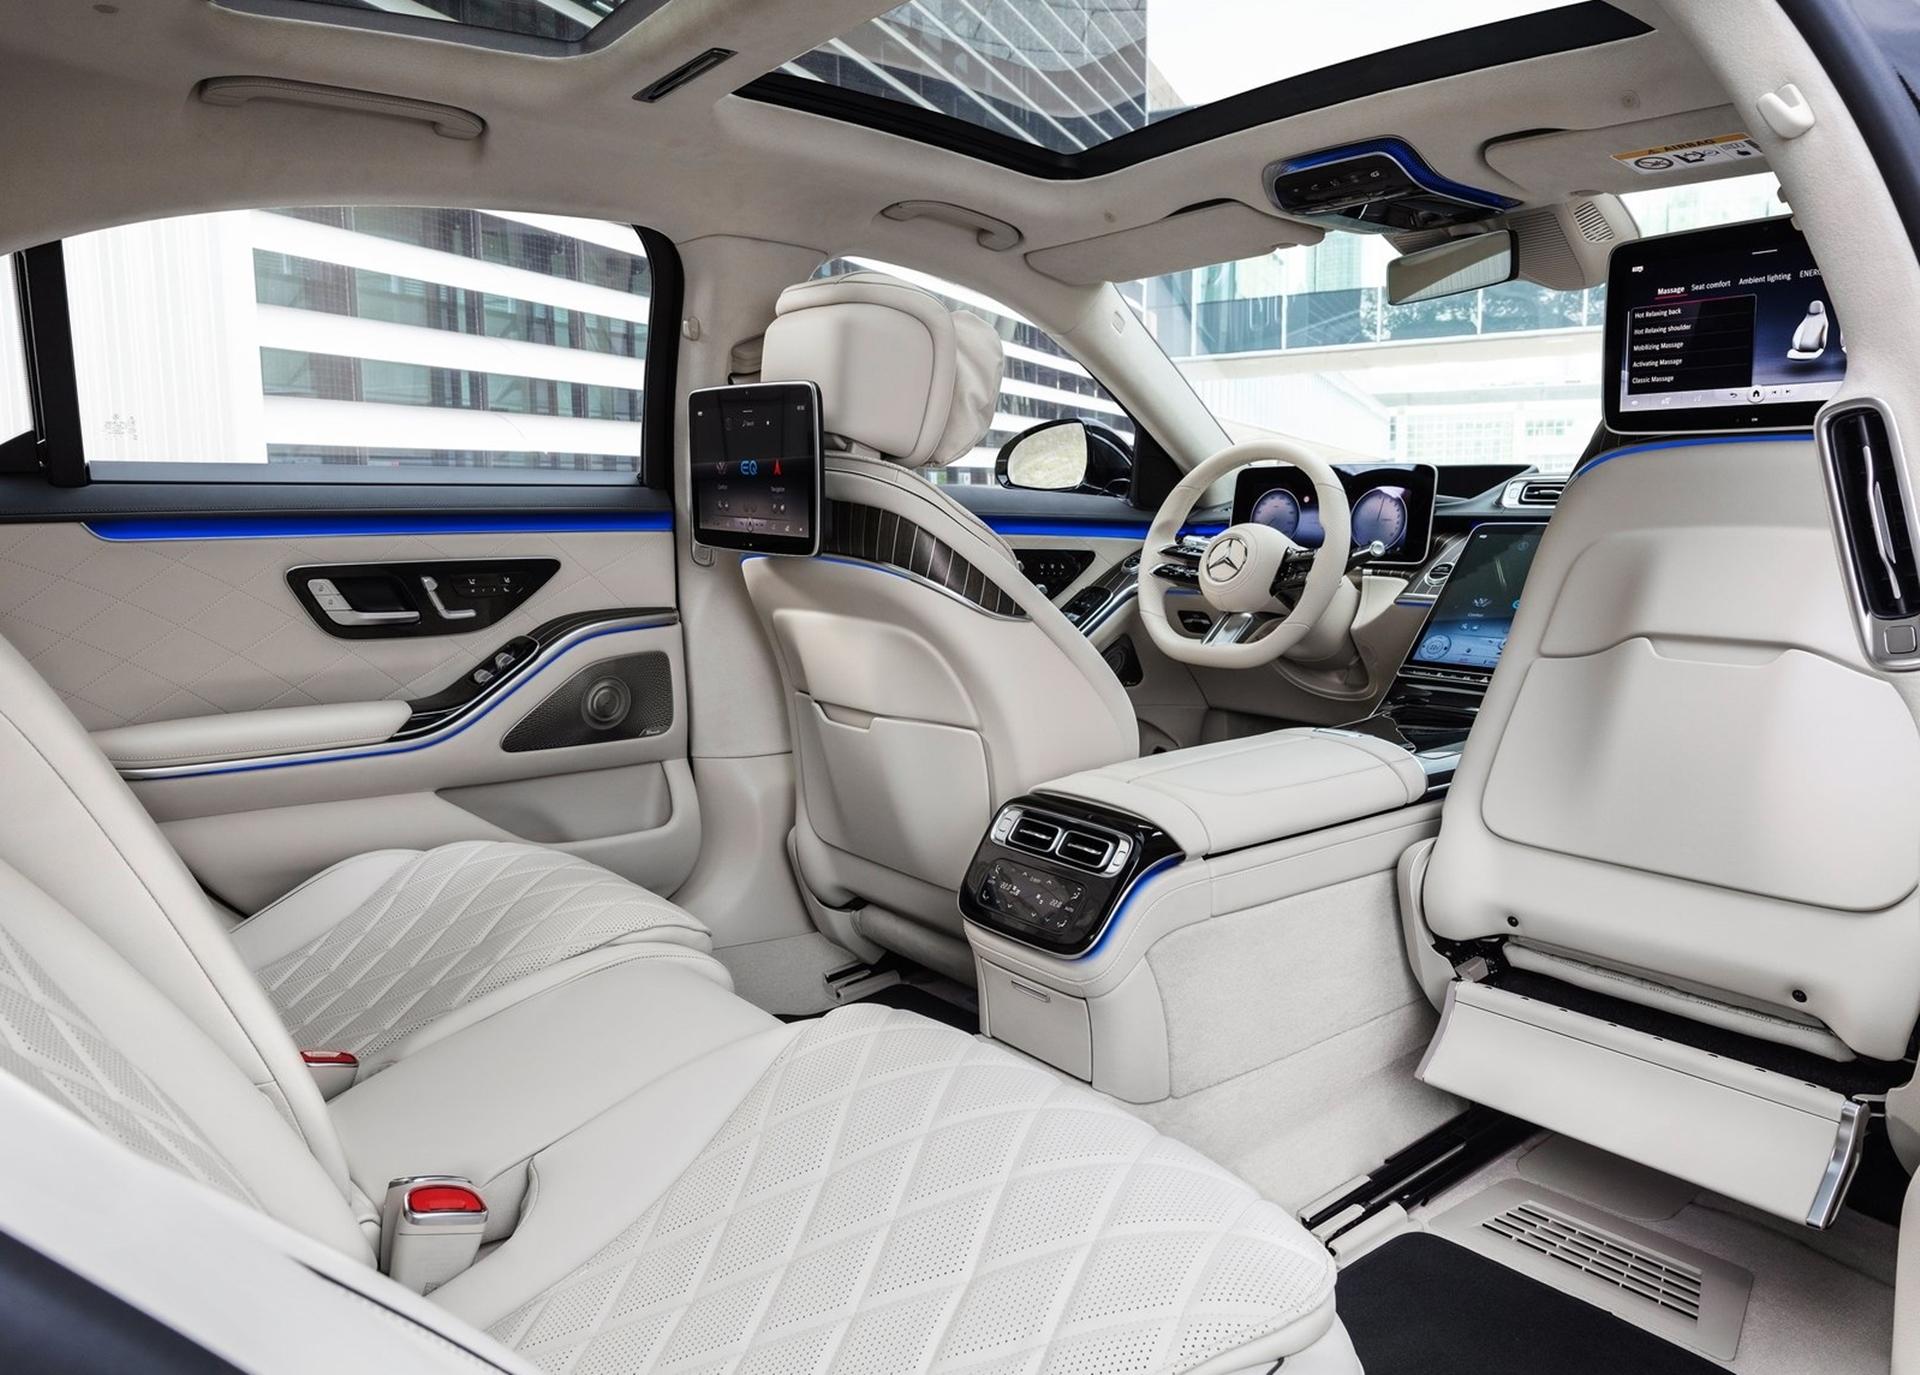 A maioria dos compradores do Mercedes-Benz Classe S utiliza o banco traseiro, não o do motorista